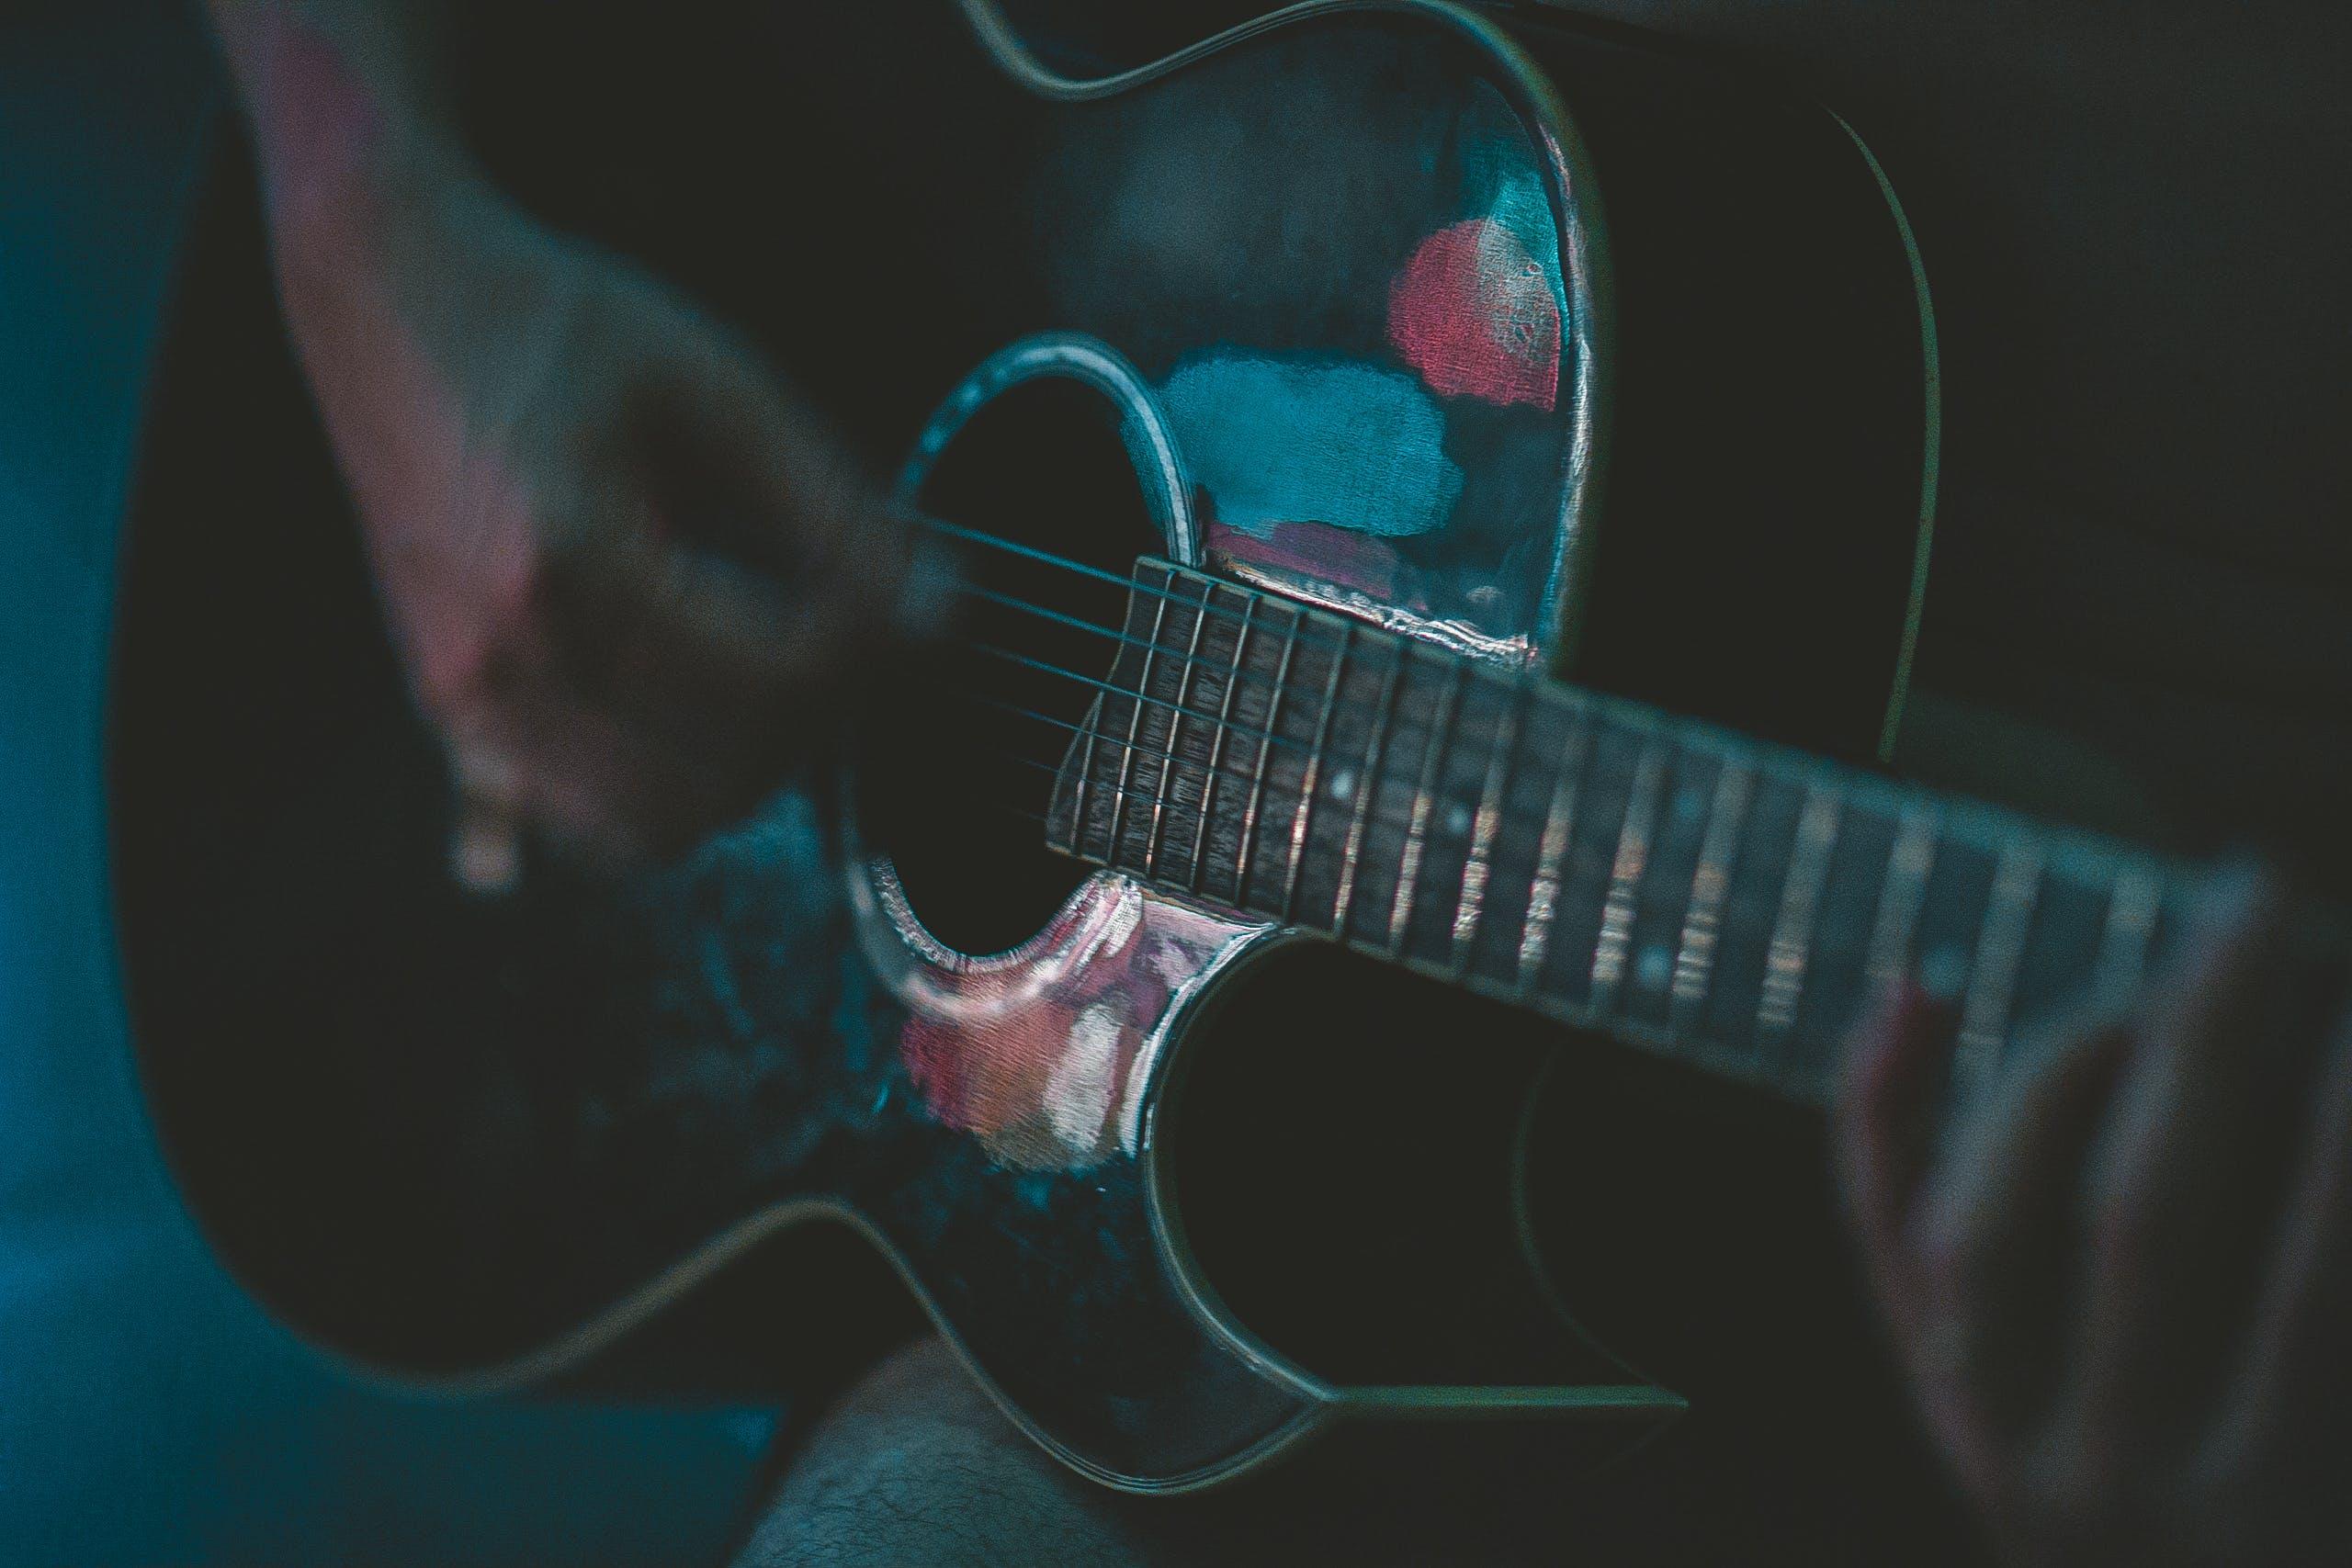 공연, 기타, 기타리스트, 노래의 무료 스톡 사진